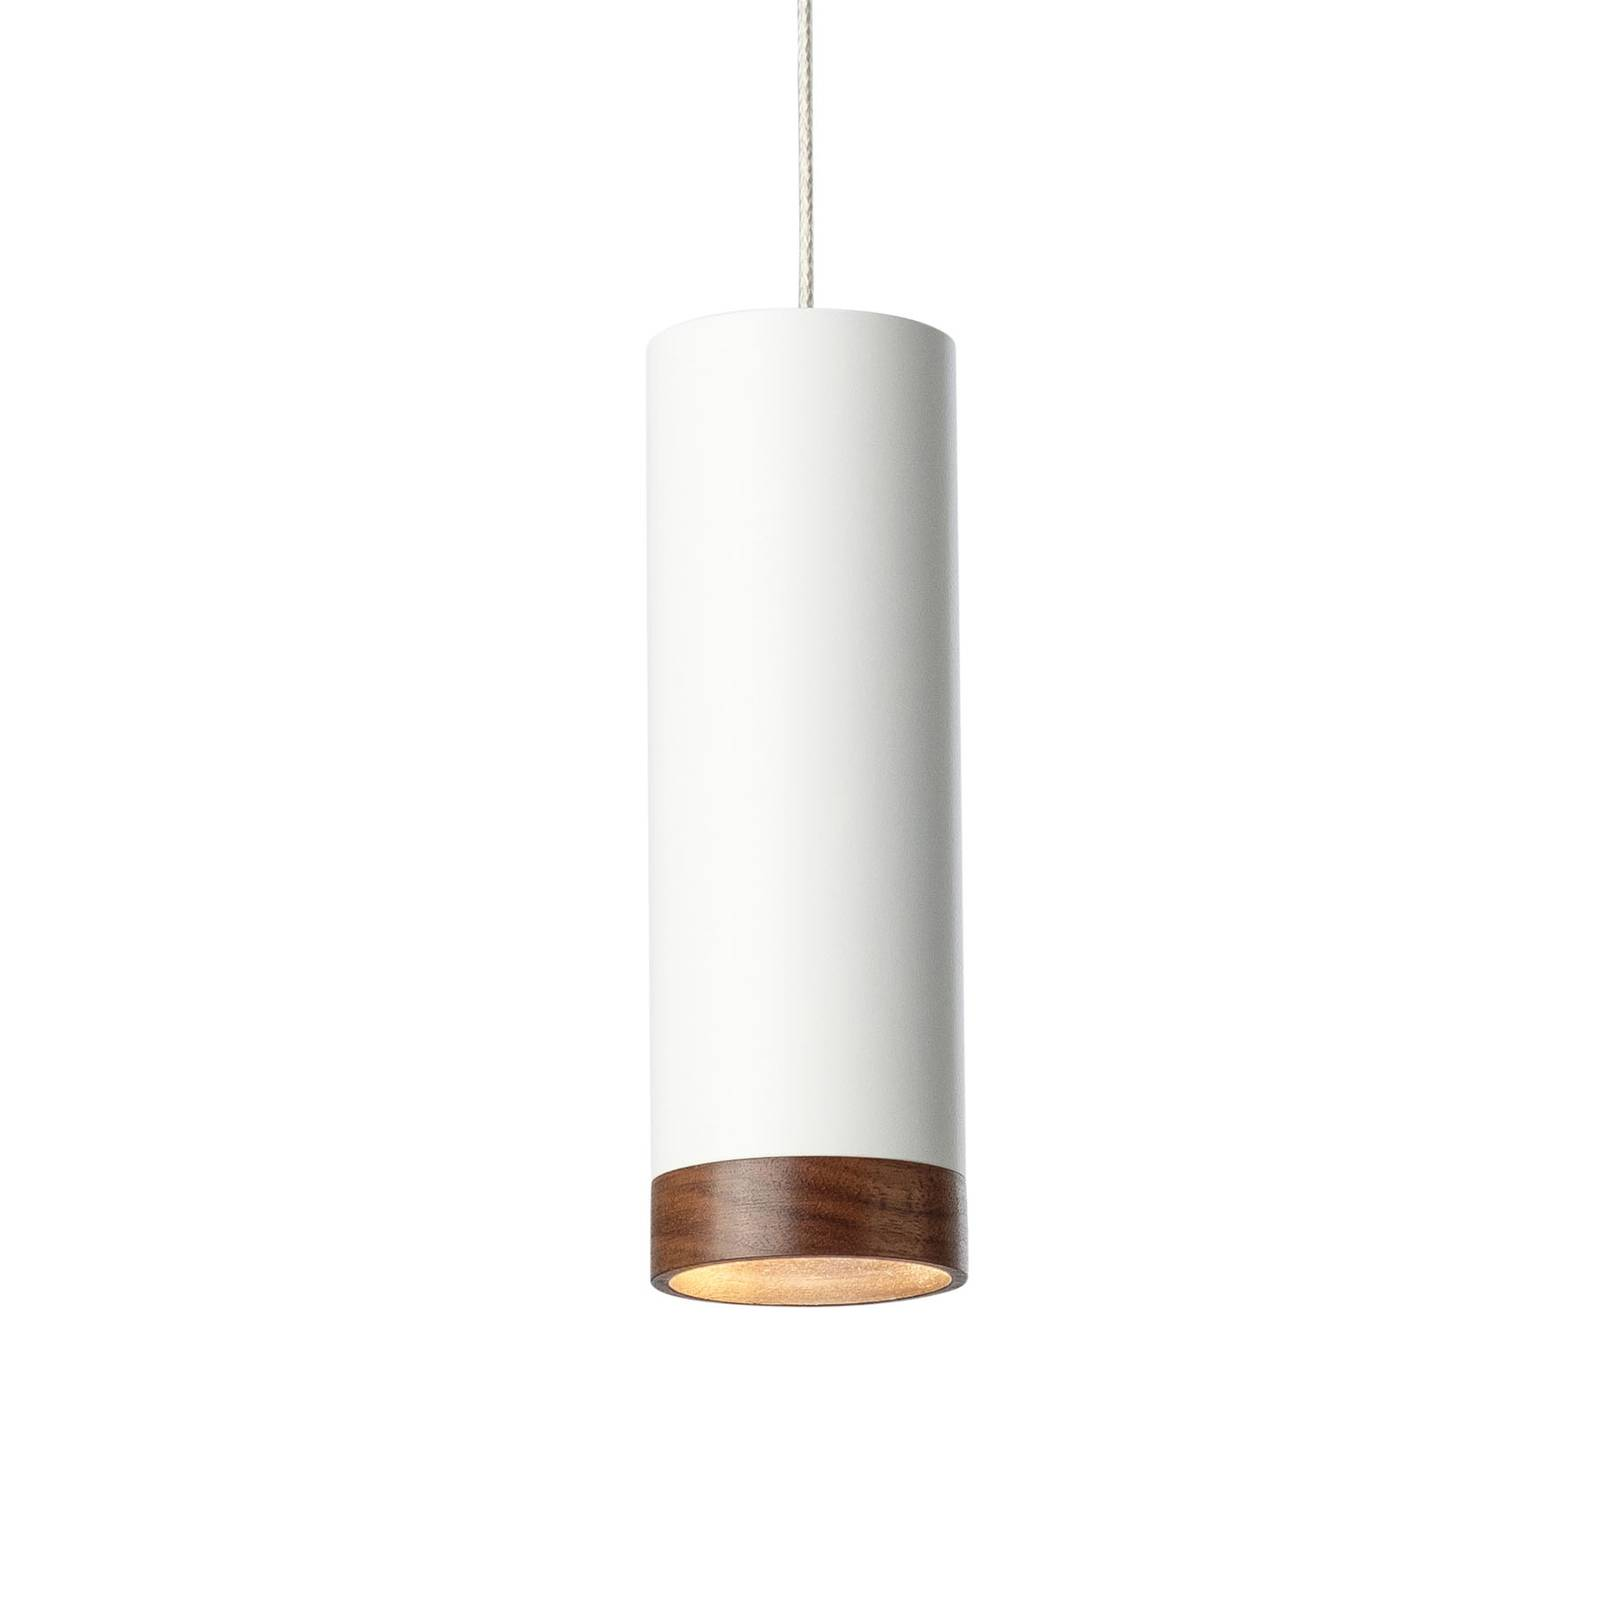 LED-Pendelleuchte PHEB, weiß/nussbaum